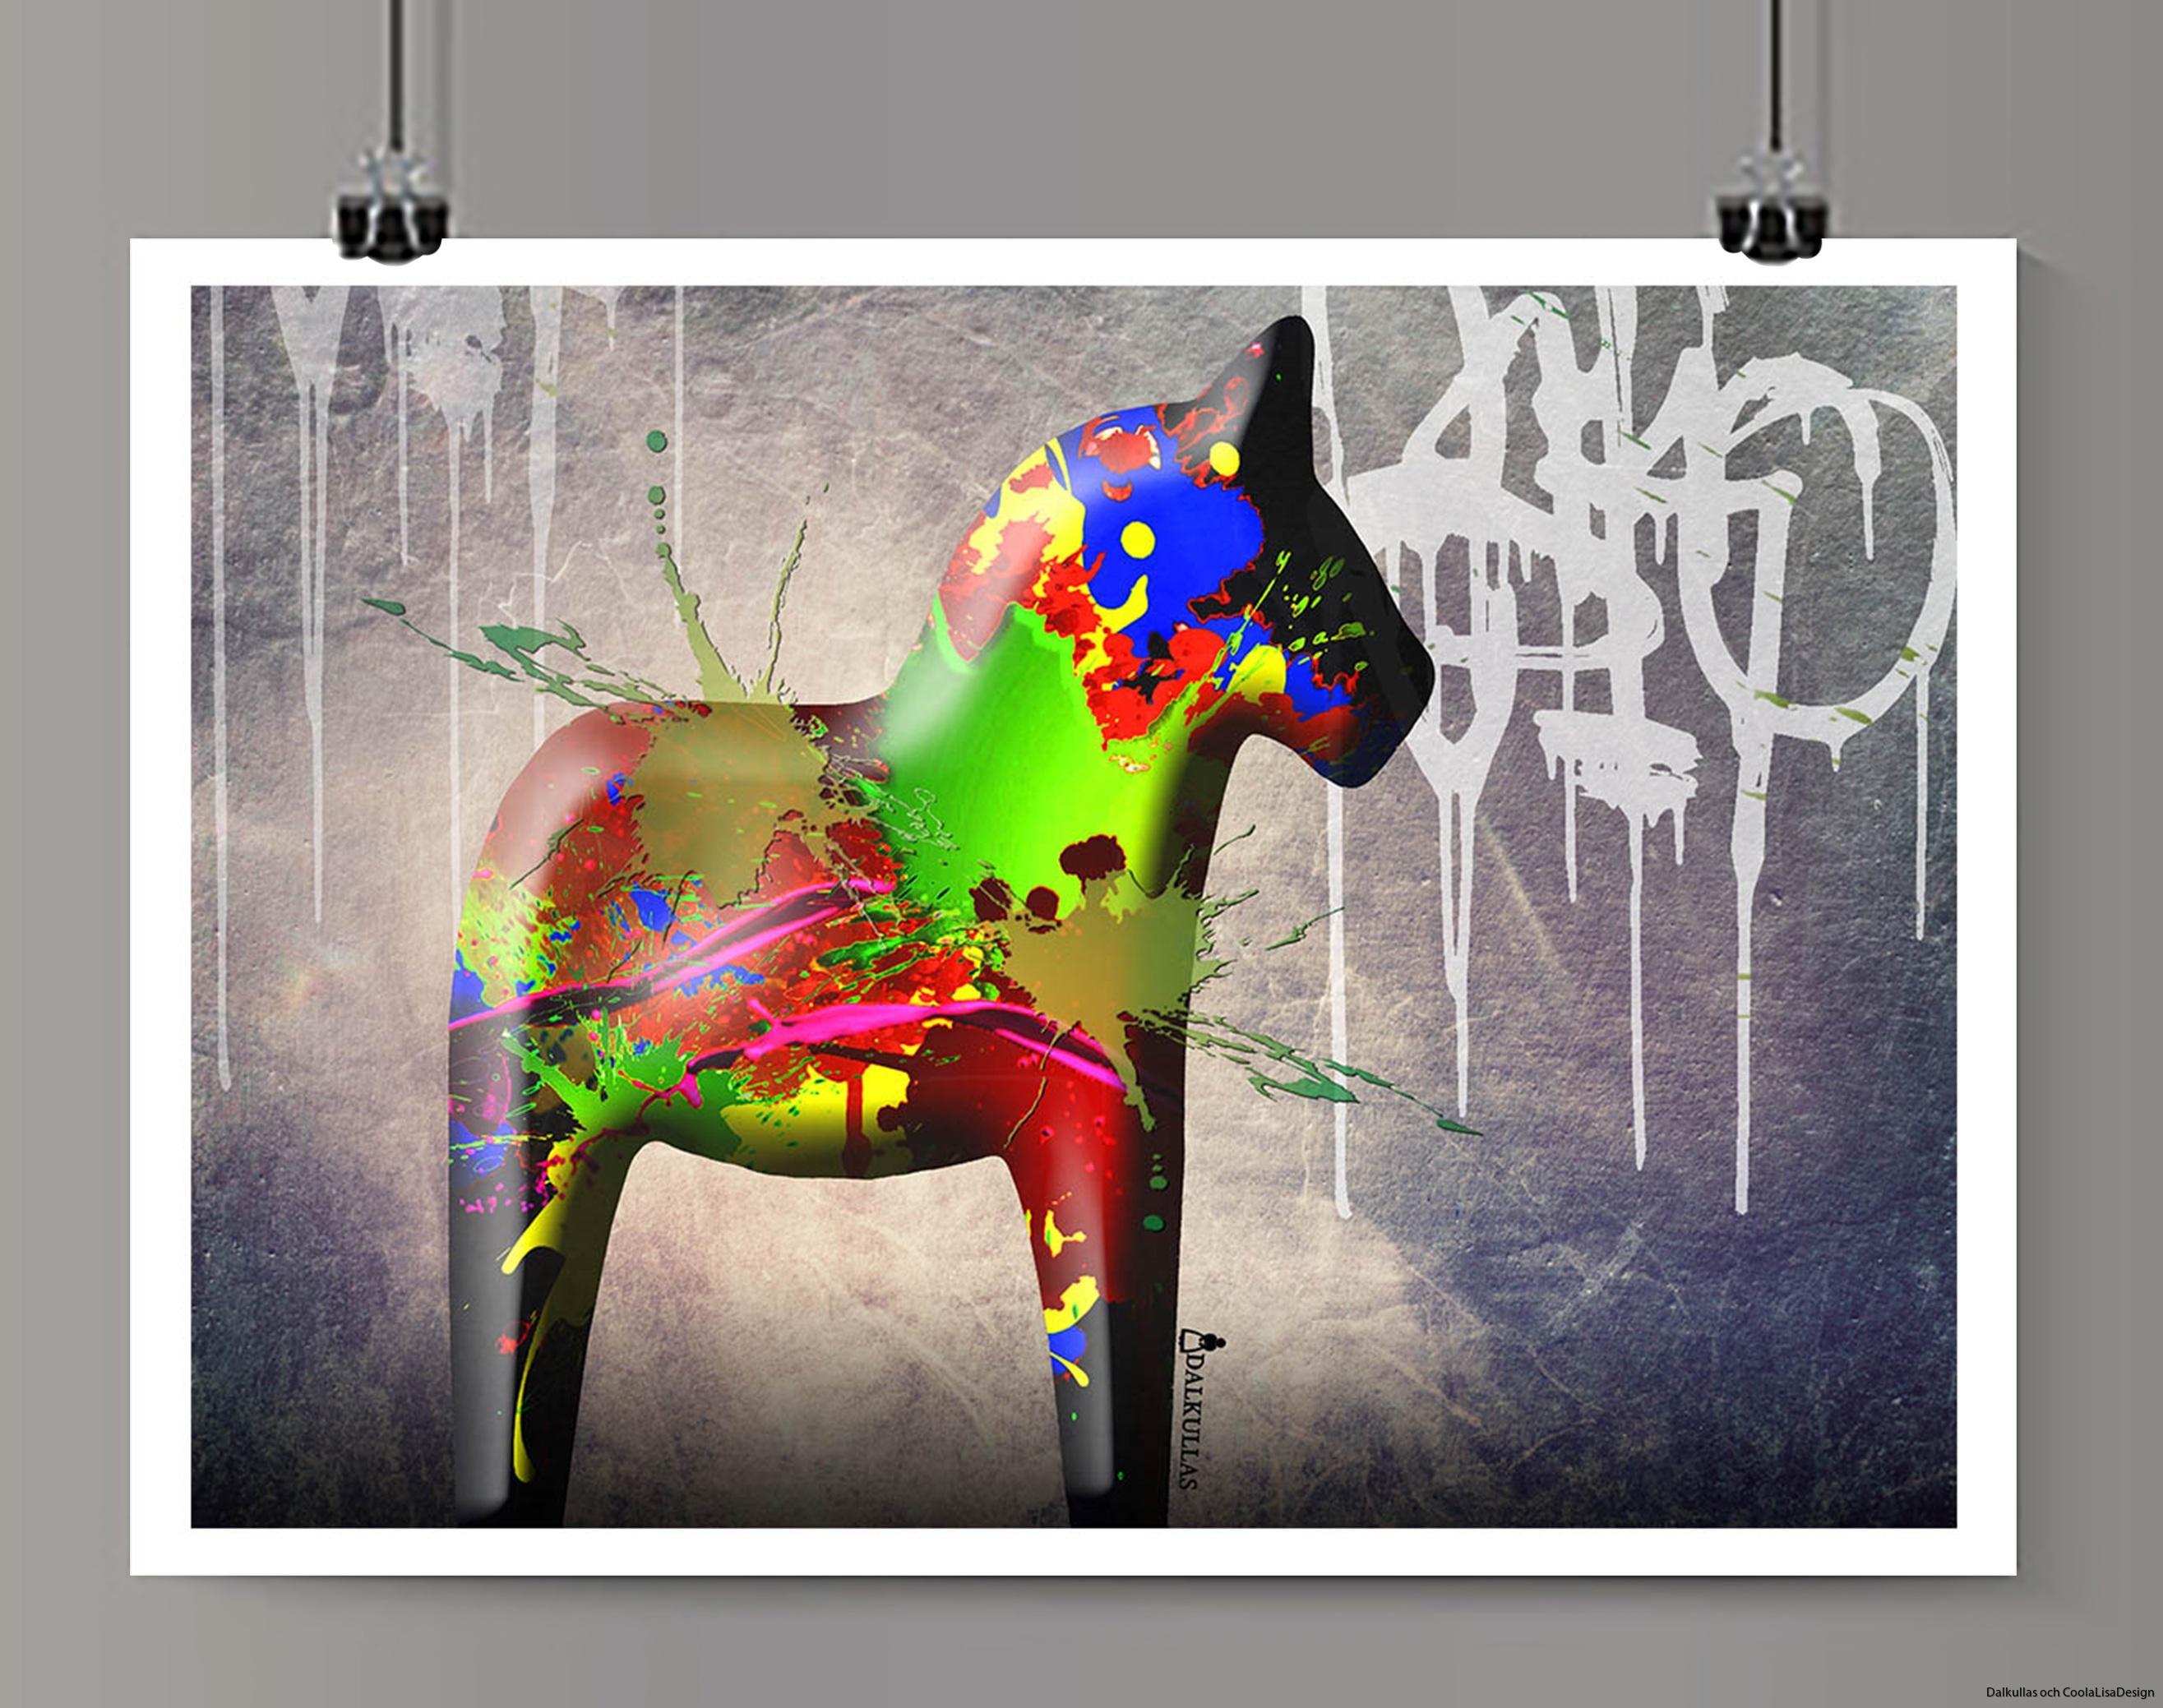 Dalahäst graffiti 1